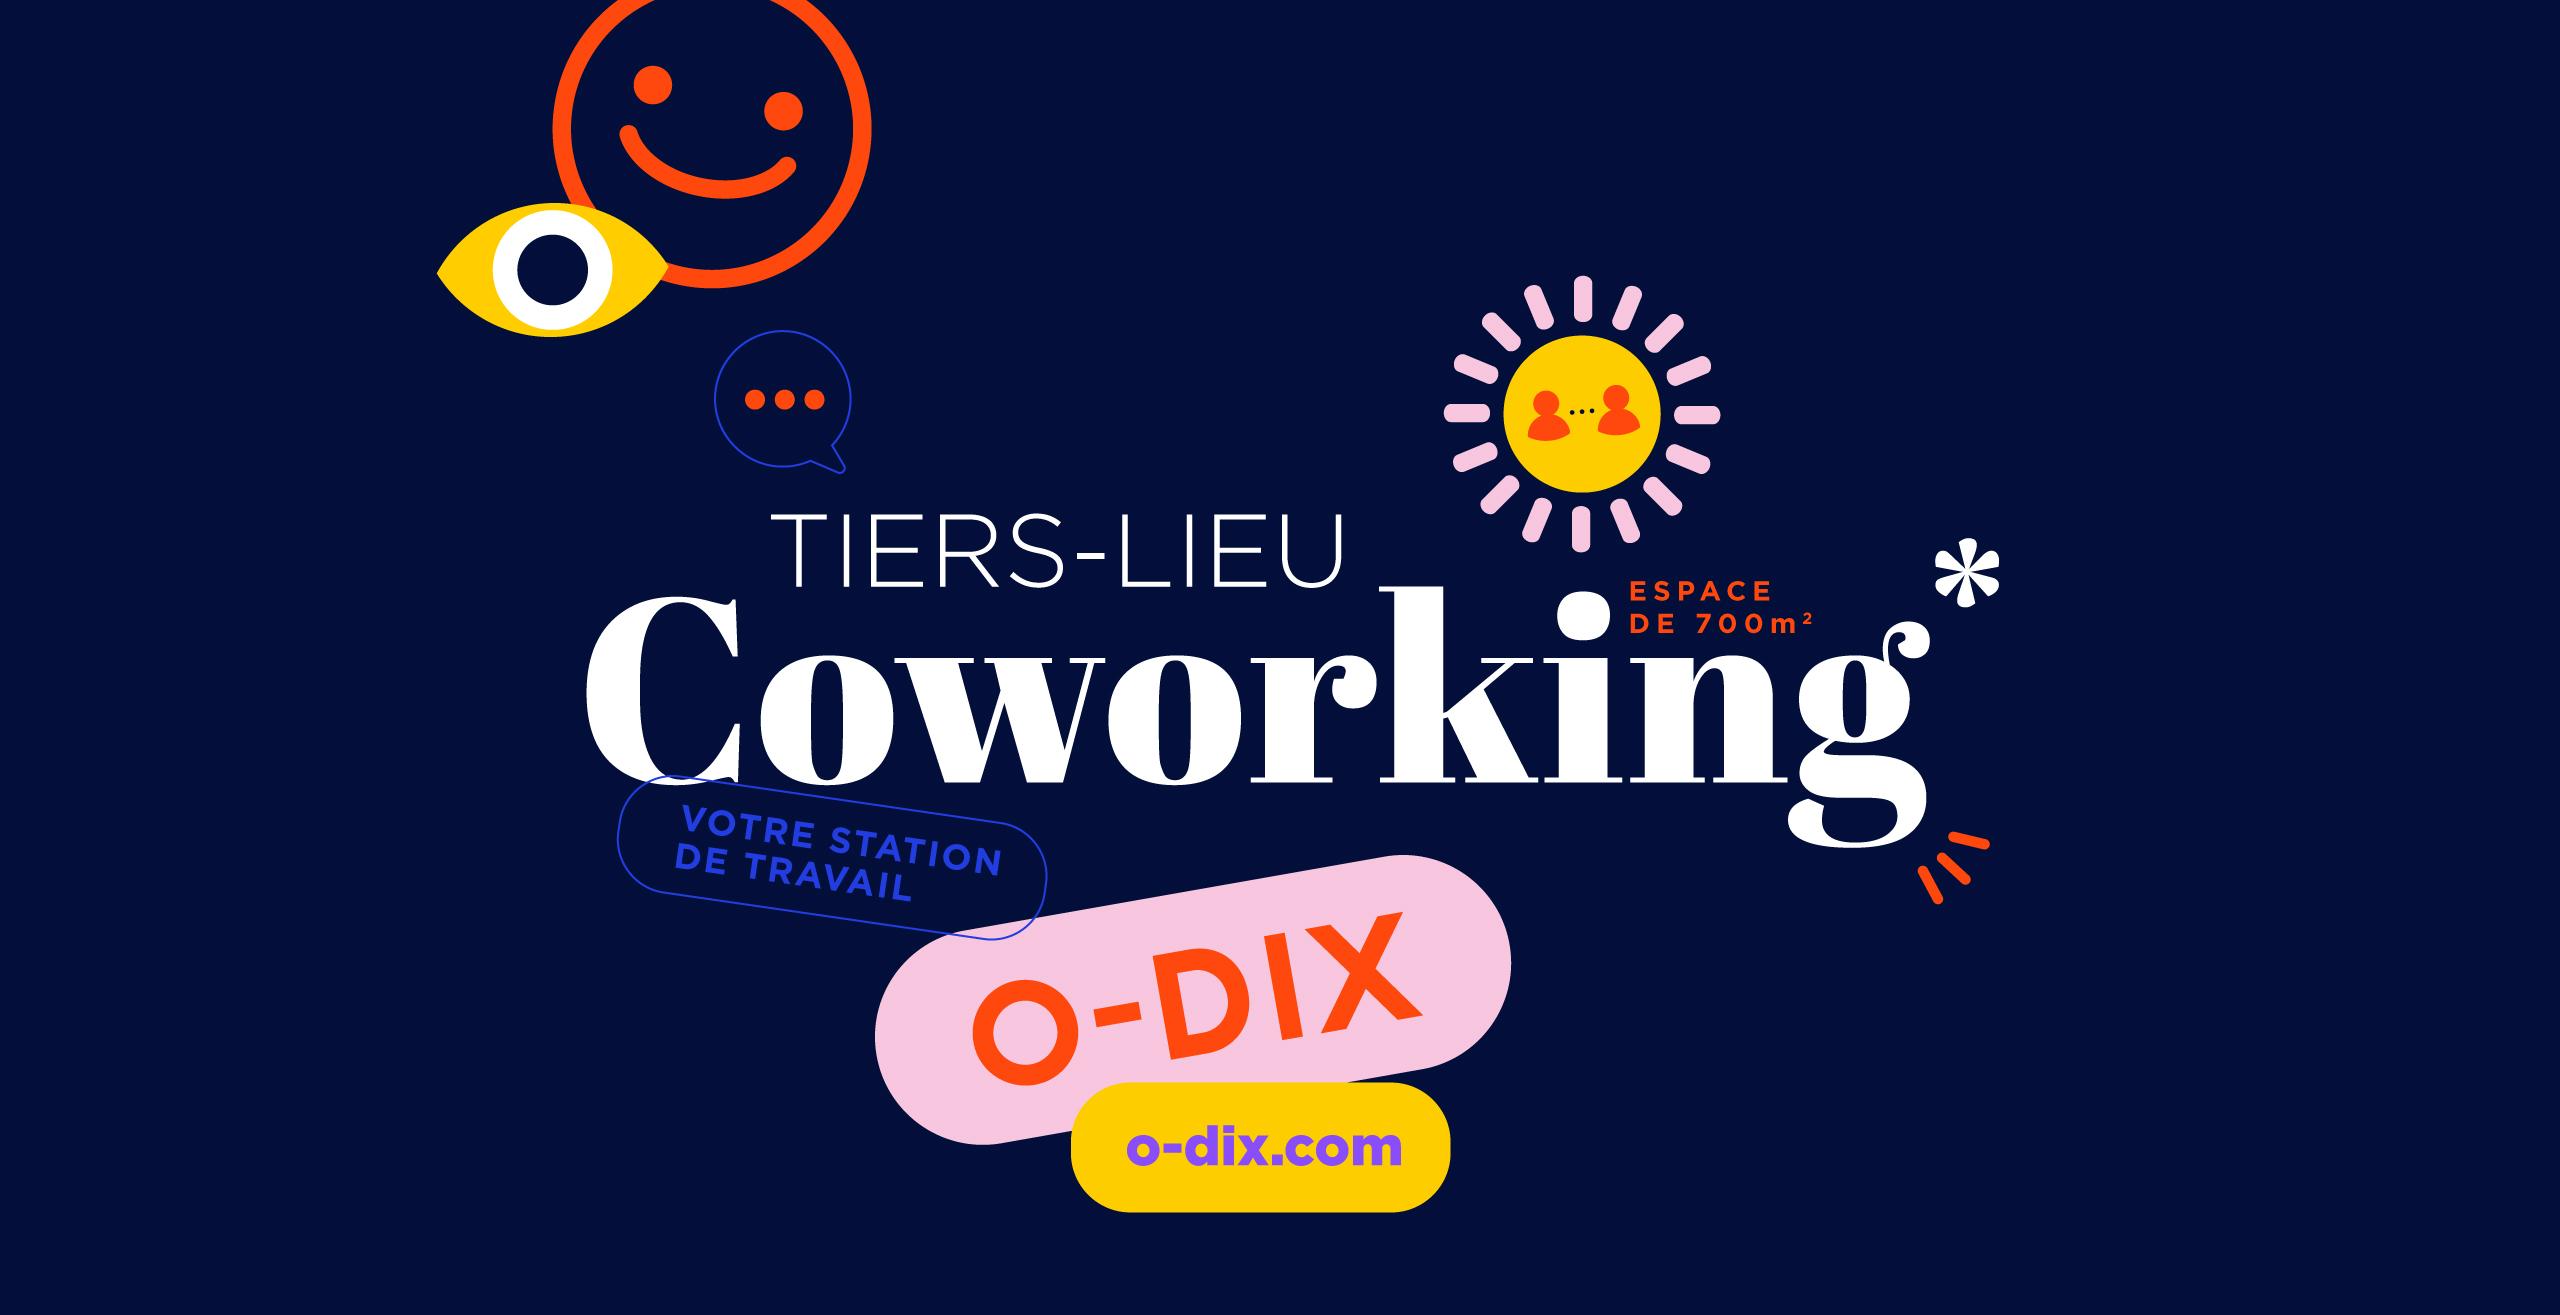 O-DIX-CARTE